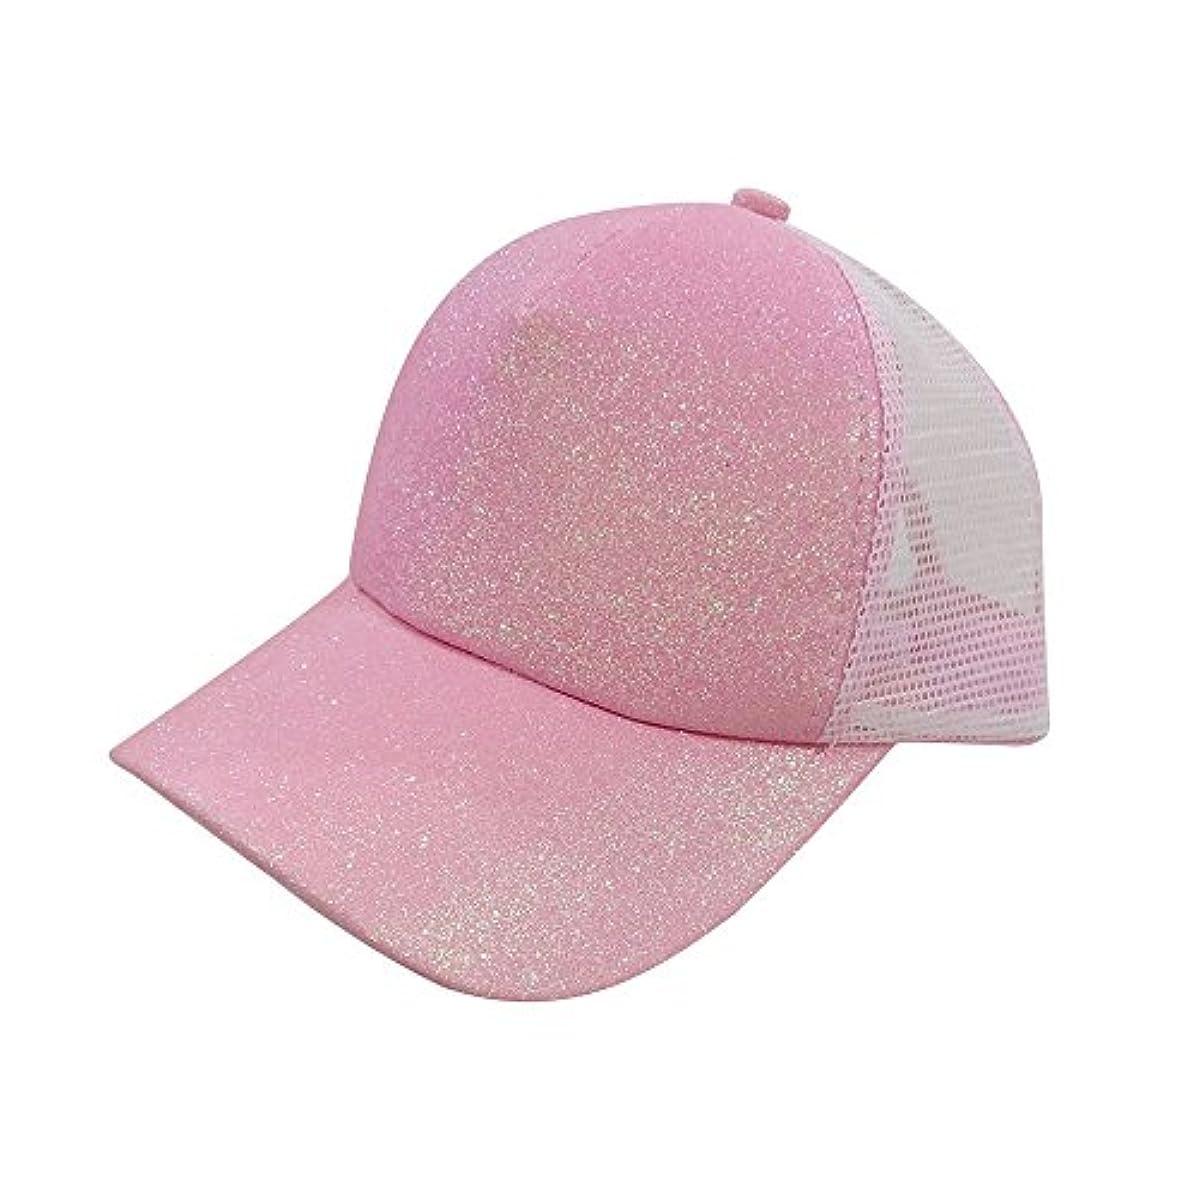 切り下げ被害者エンドテーブルRacazing Cap スパンコール 無地 メッシュ 野球帽 通気性のある ヒップホップ 帽子 夏 登山 可調整可能 棒球帽 男女兼用 UV 帽子 軽量 屋外 Unisex Cap (ピンク)